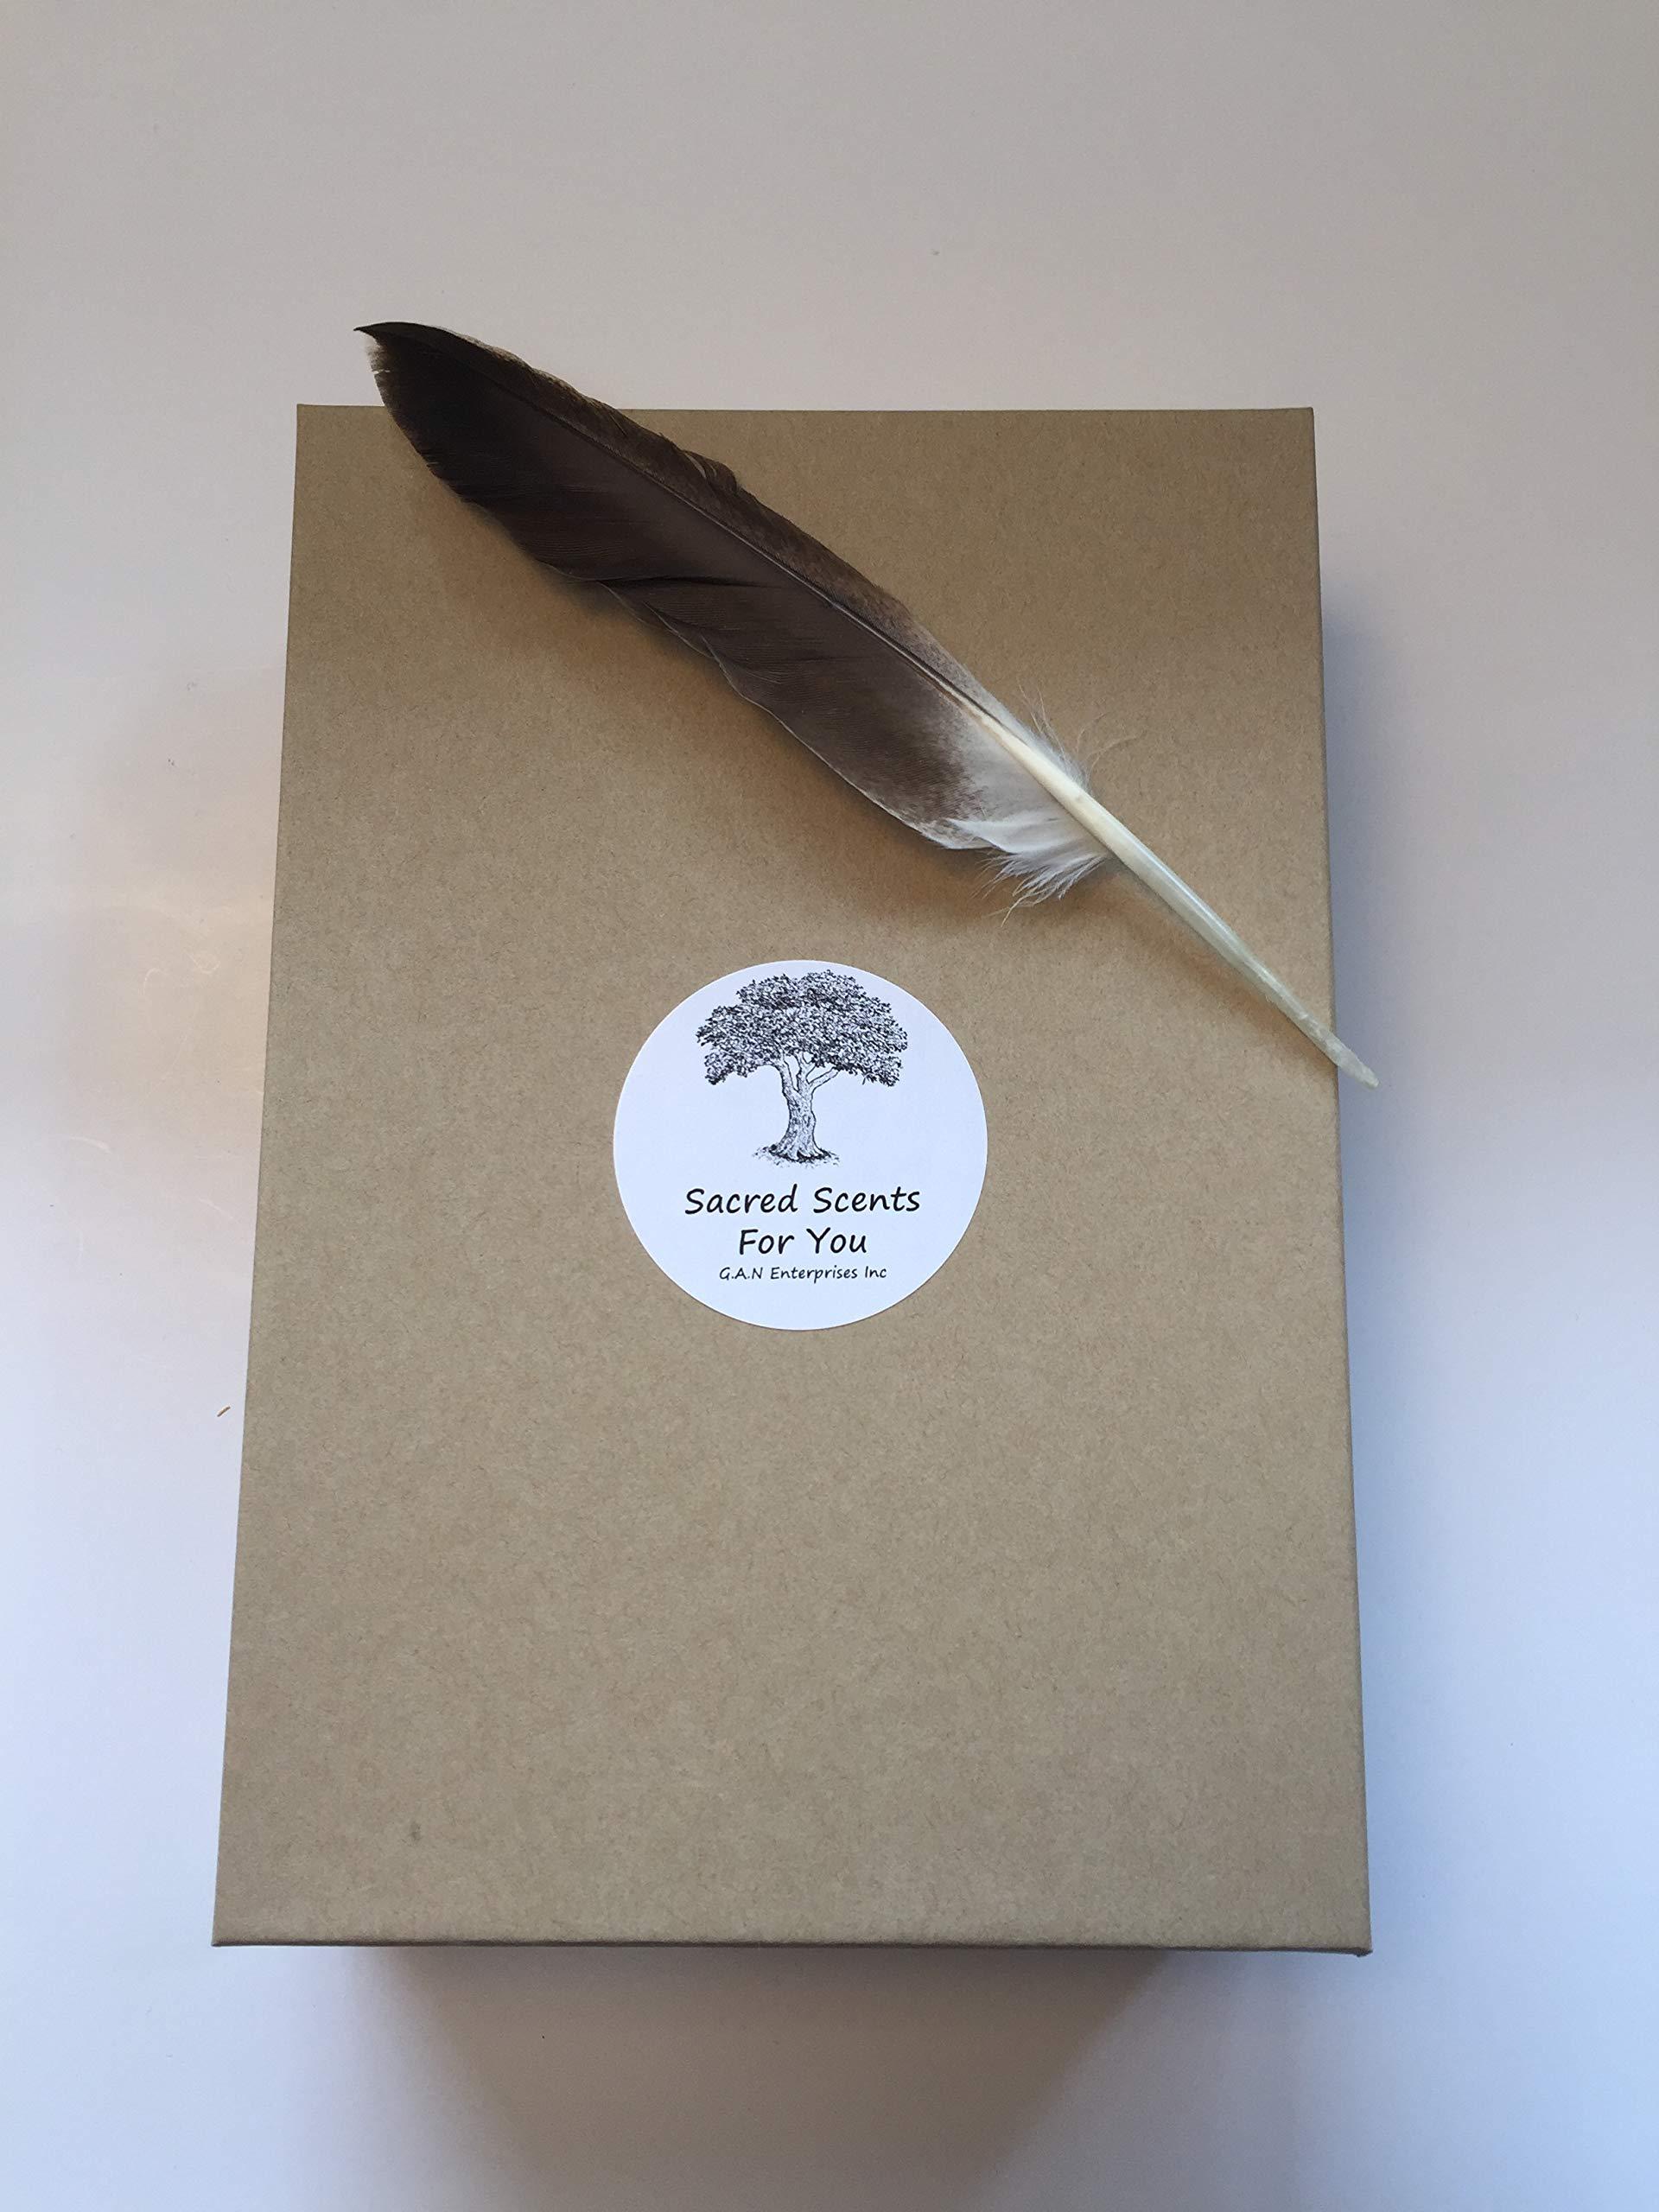 Sacred Scents For You Resin Incense and Sage Smudges Variety Gift Set Includes: Blue Sage, Cedar, White Sage & Palo Santo Wood. Frankincense, Myrrh & Mayan Copal Resins by Sacred Scents For You (Image #4)